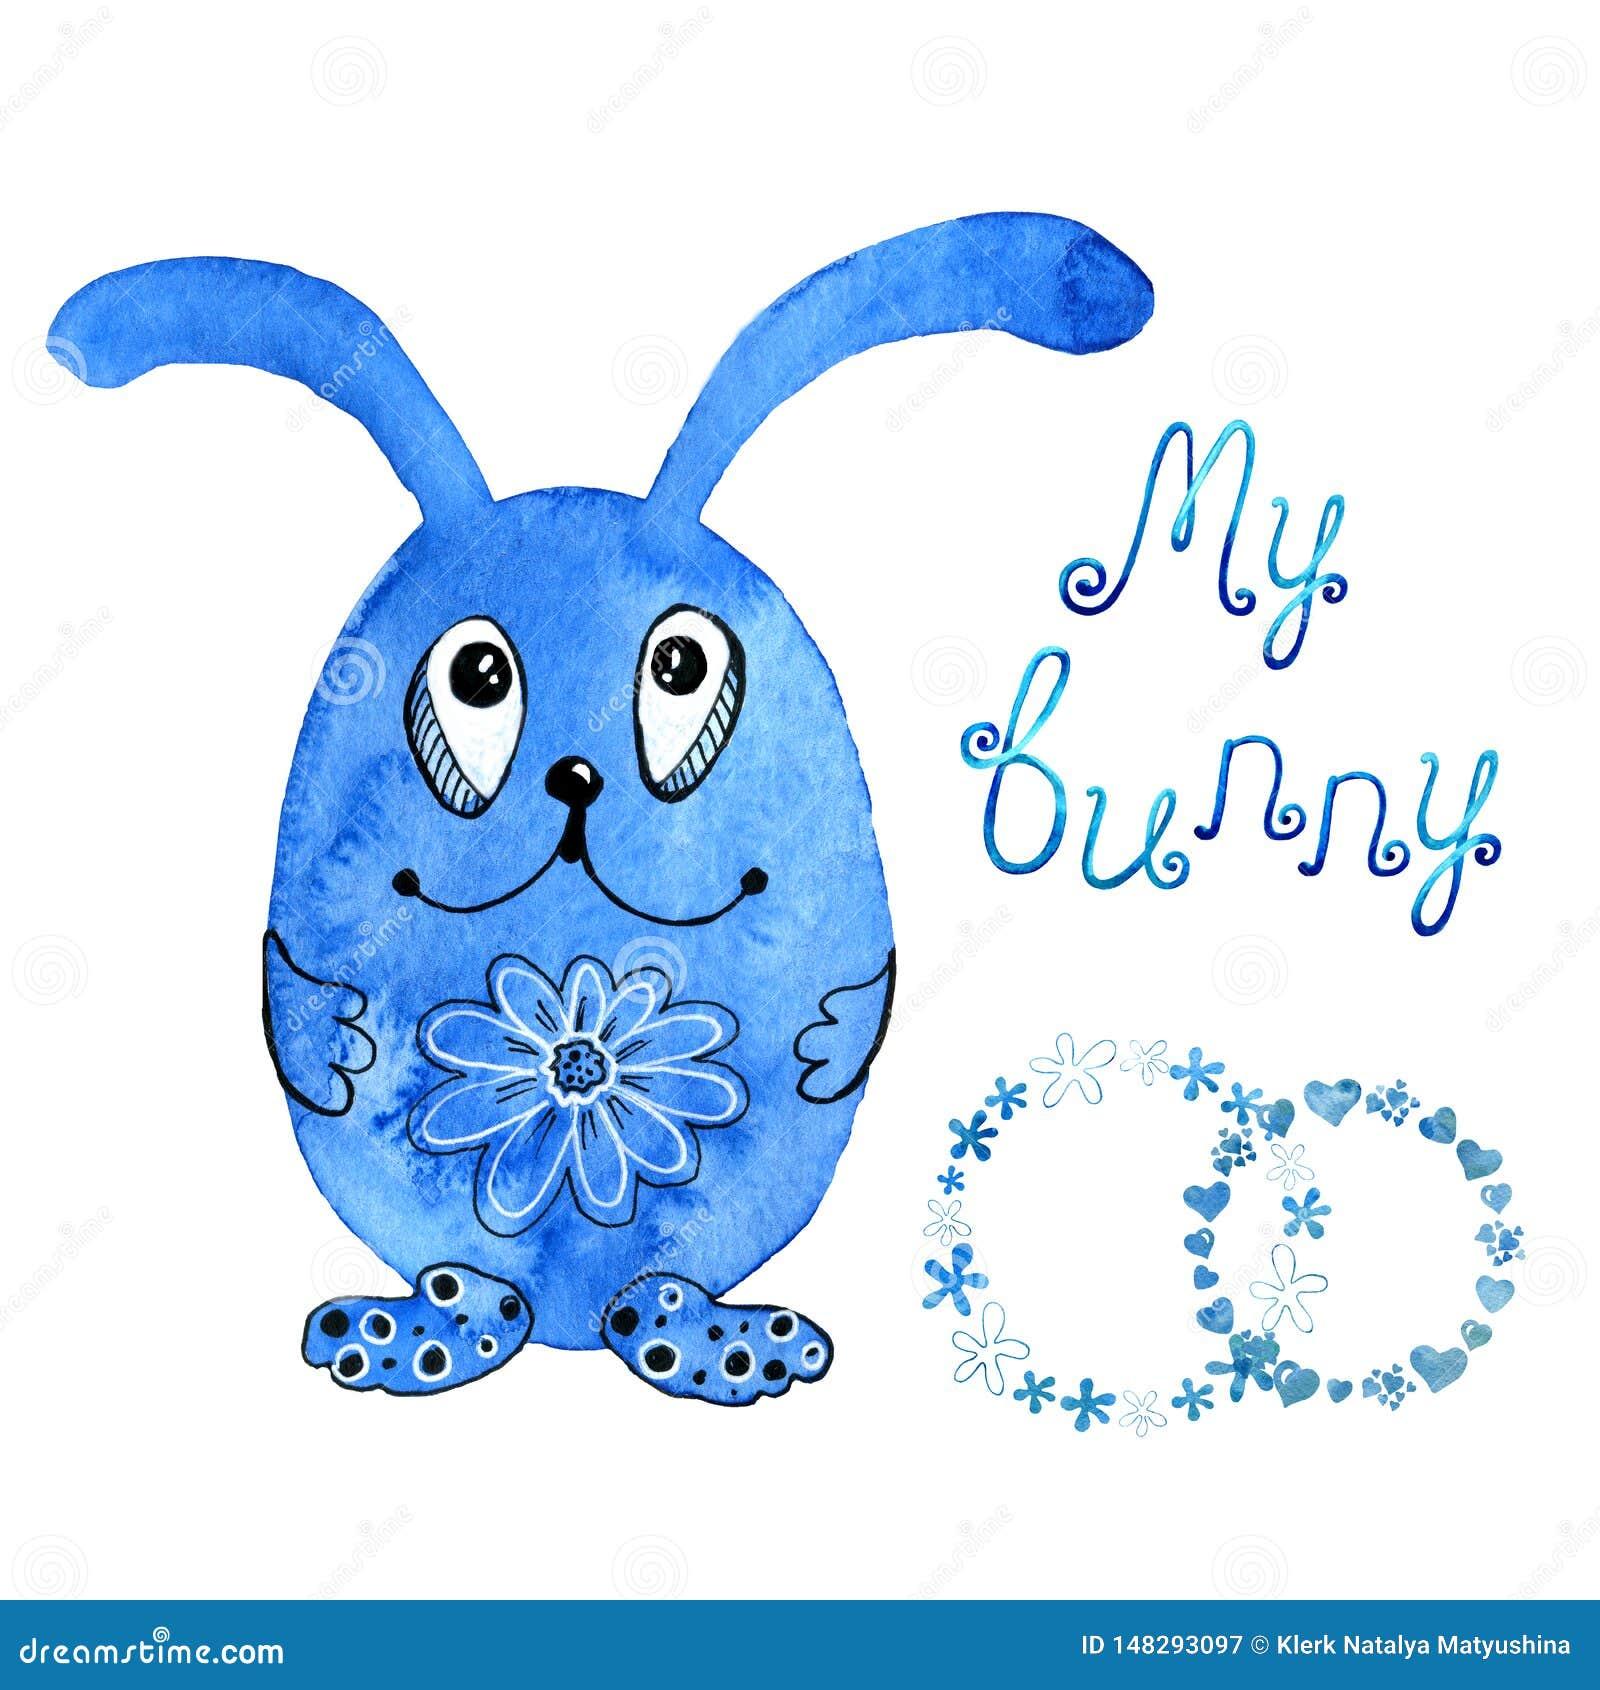 Blauw konijntje, konijn uitnodiging Trekkend in waterverf en grafische stijl voor het ontwerp van drukken, achtergronden, kaarten